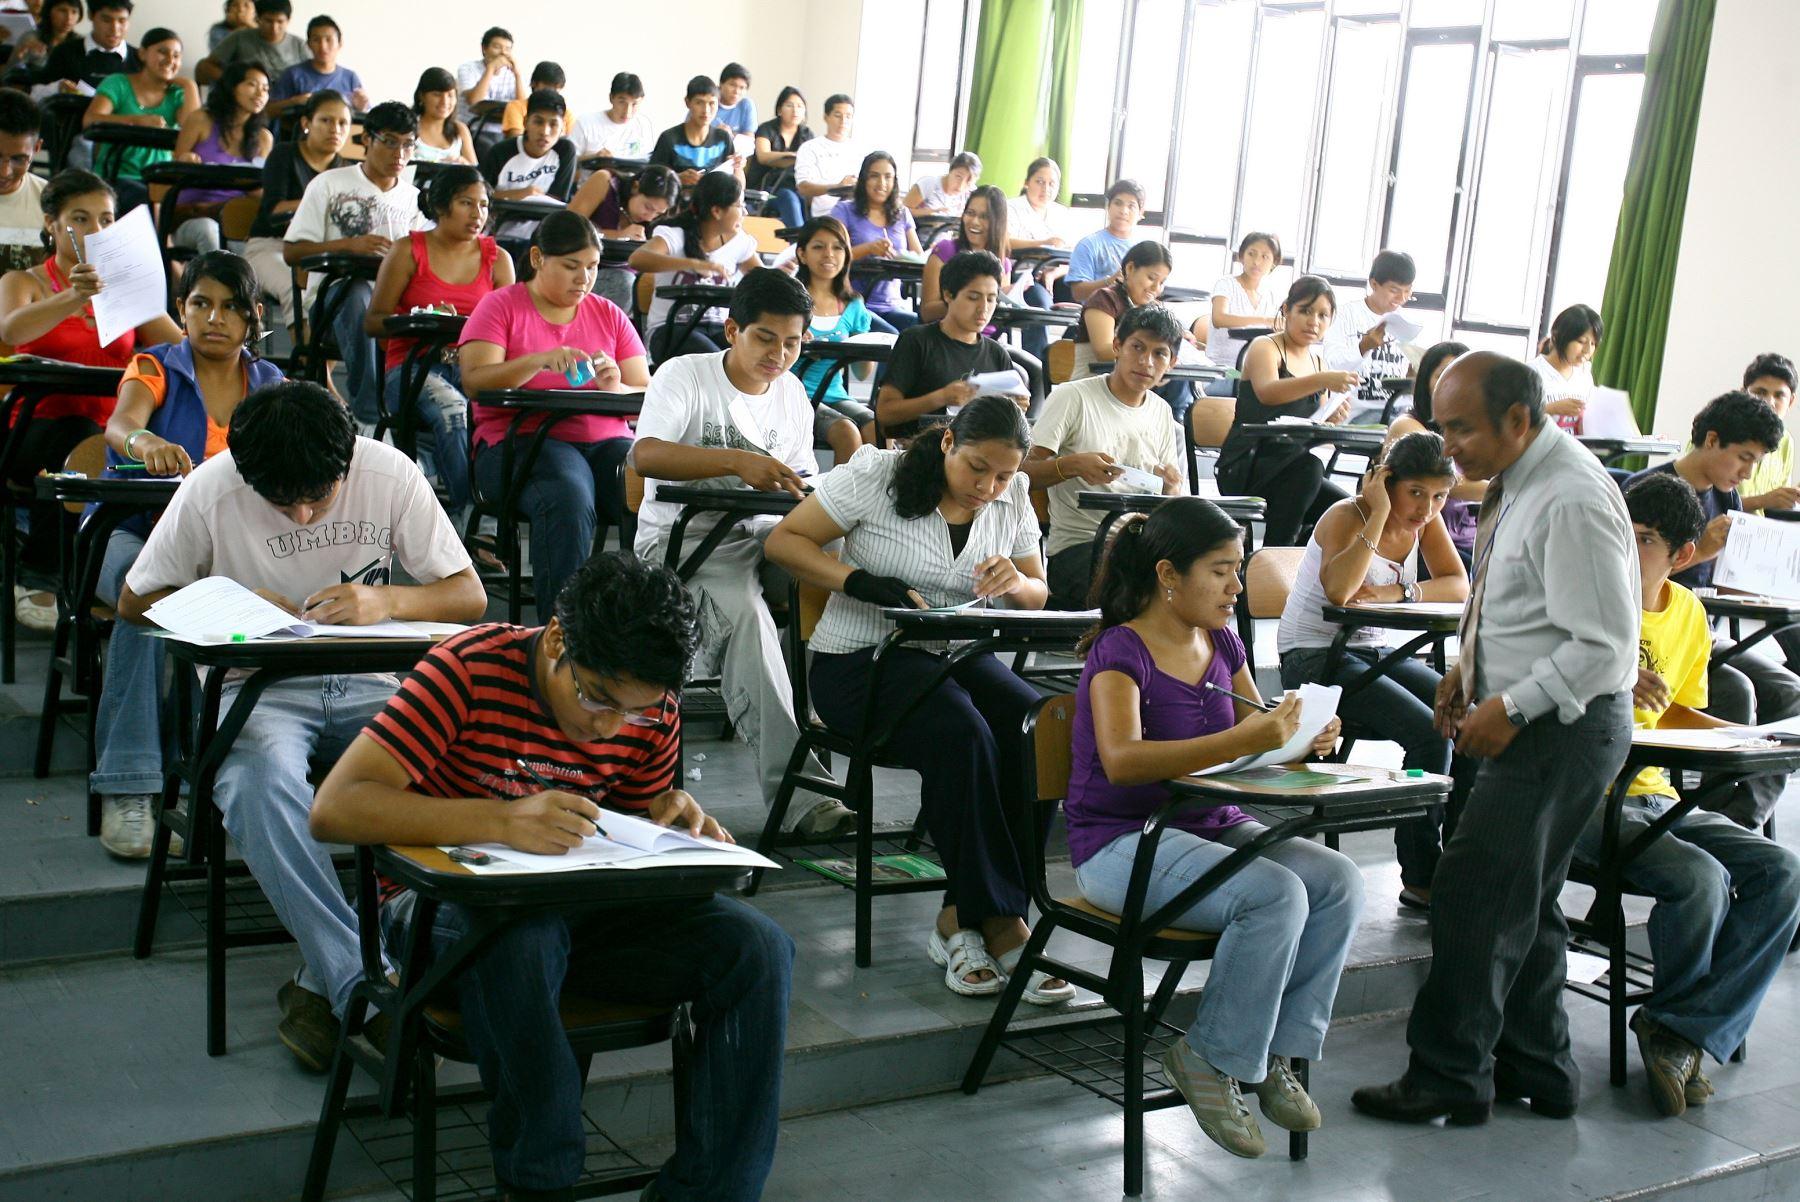 Sesenta y seis universidades públicas y privadas del Perú están actualmente bajo evaluación de la Sunedu. Foto: ANDINA/archivo